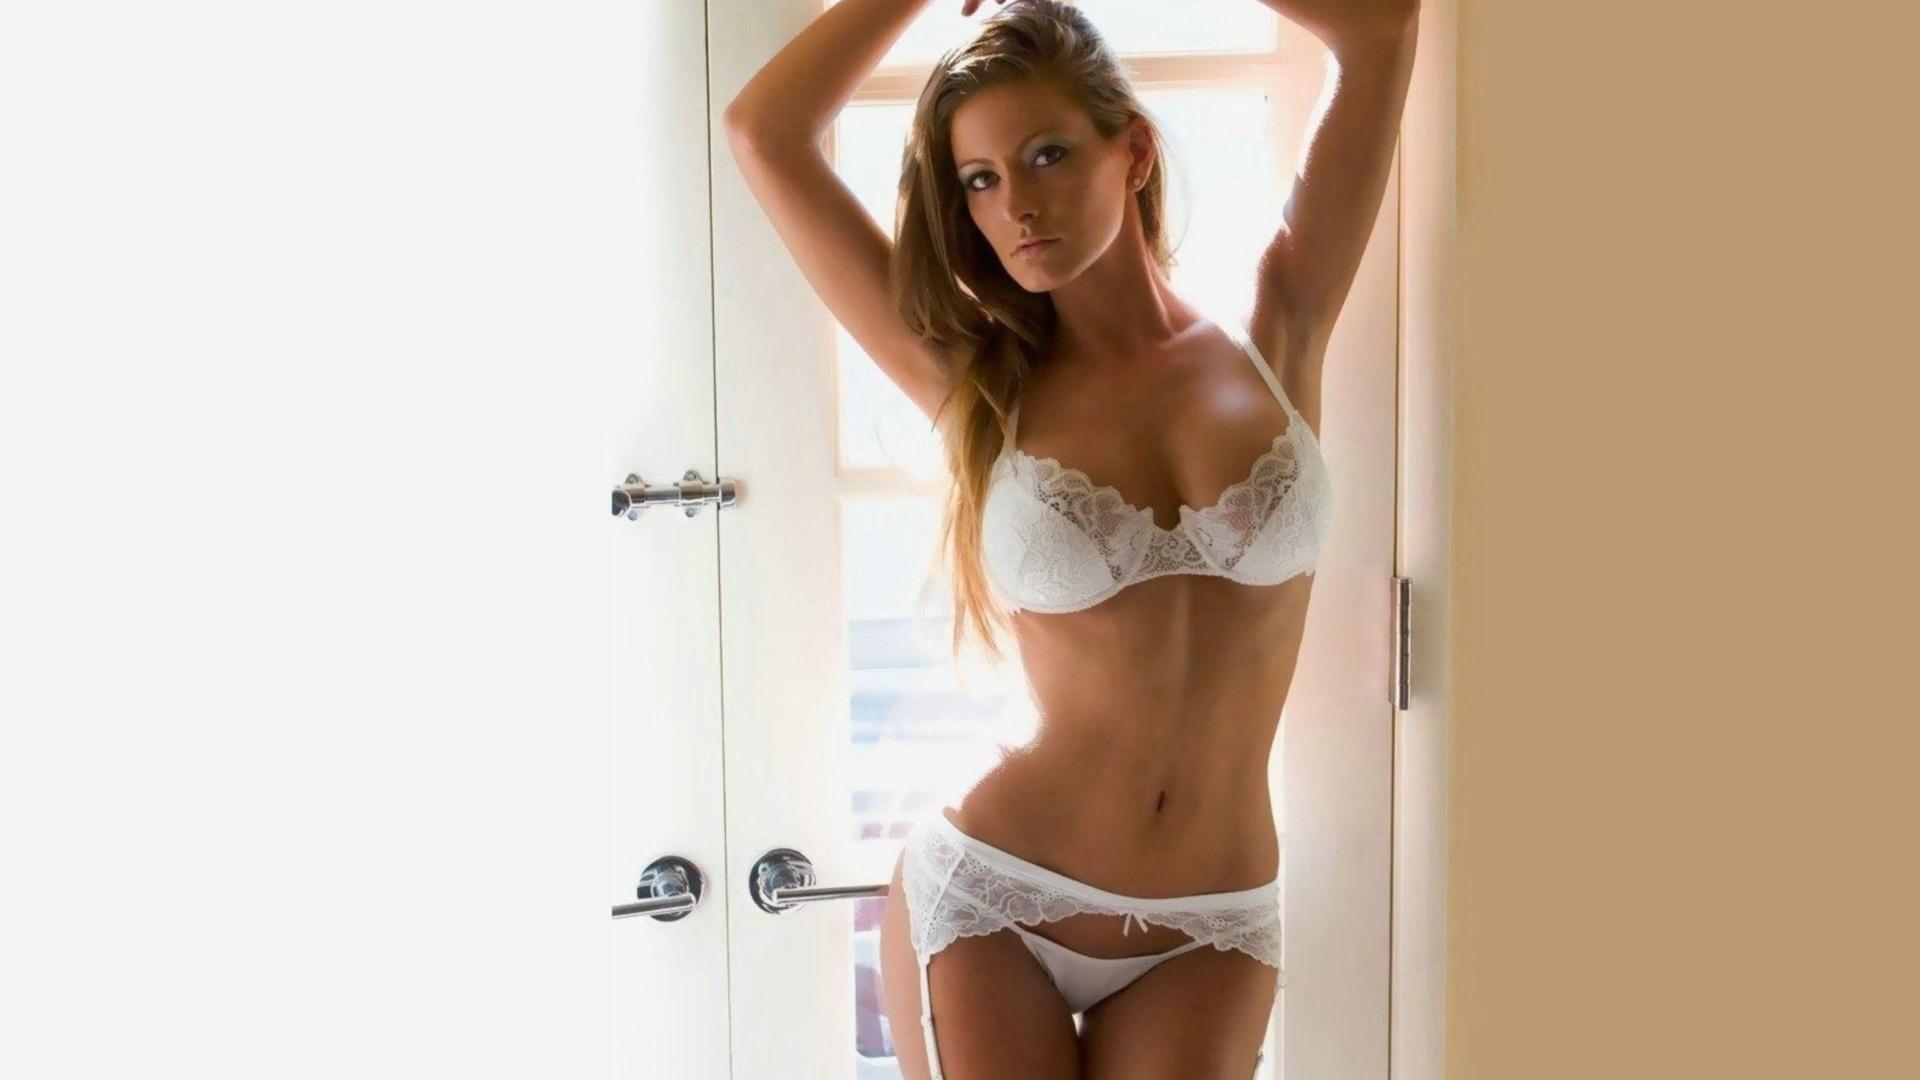 Фото красивых девушек без белья 18 лет 5 фотография